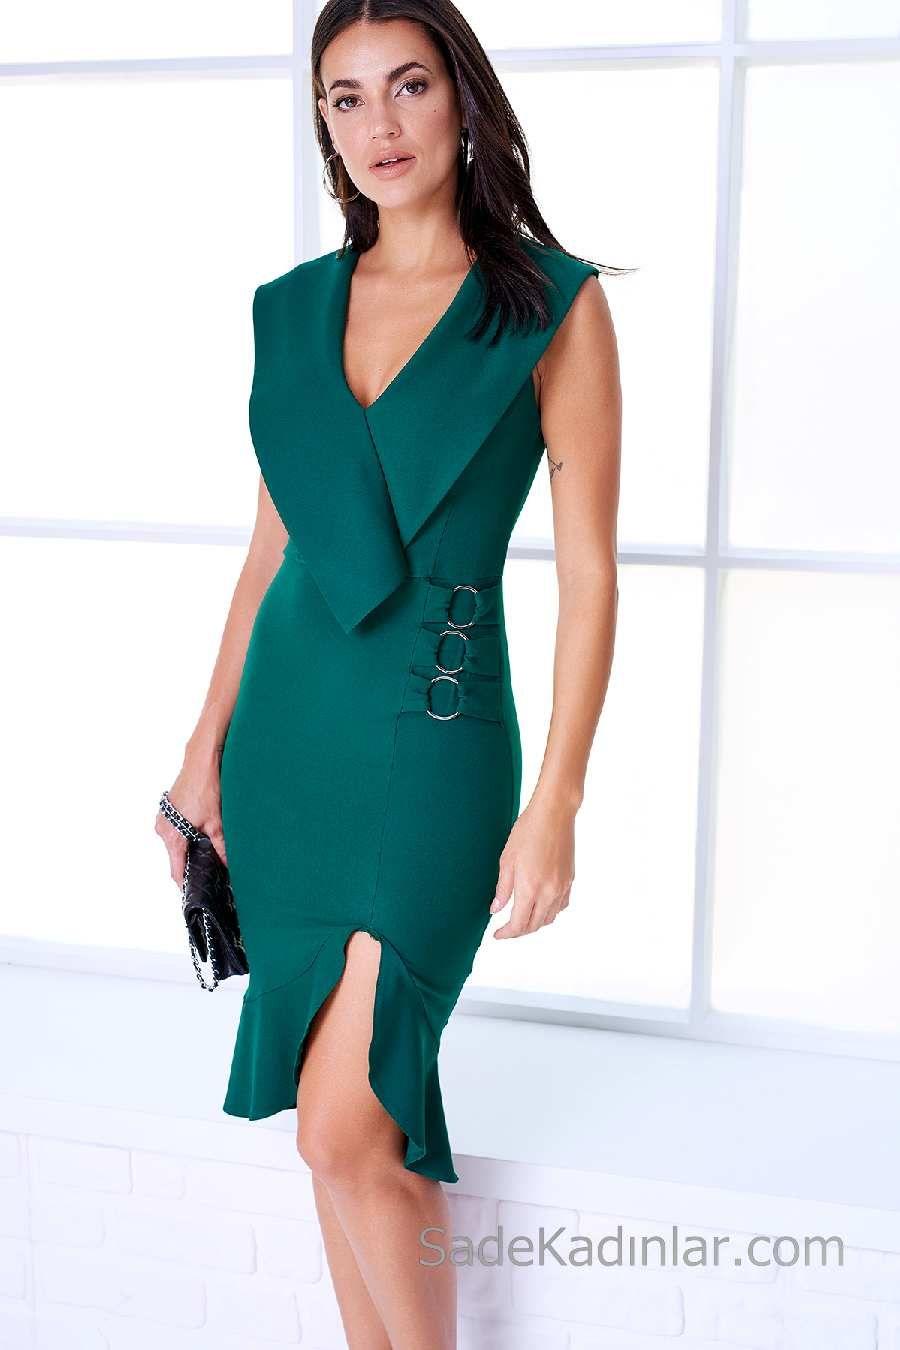 0260909c1002f 2018 Gece Elbise Modelleri Yeşil Kısa V Yakalı Yırtmaçlı Belinden Halka Süs  Detaylı